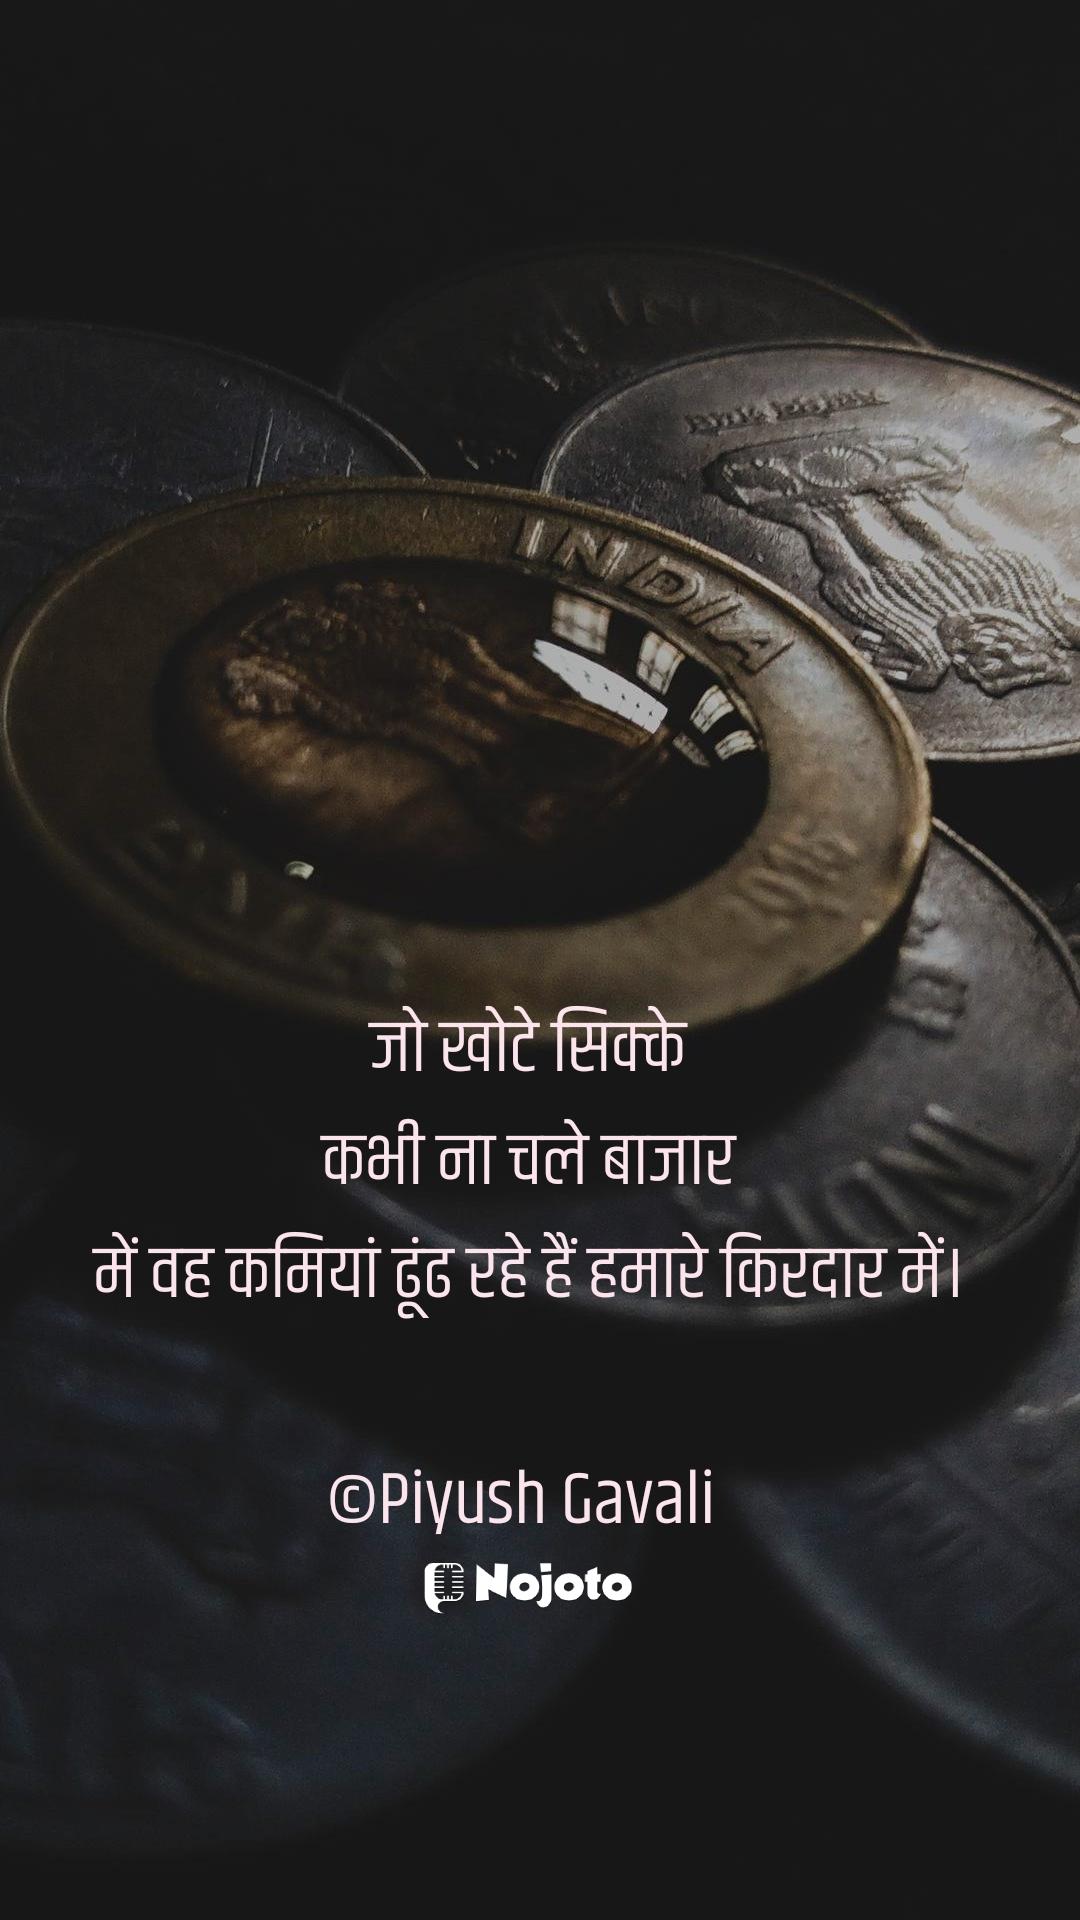 जो खोटे सिक्के  कभी ना चले बाजार  में वह कमियां ढूंढ रहे हैं हमारे किरदार में।  ©Piyush Gavali